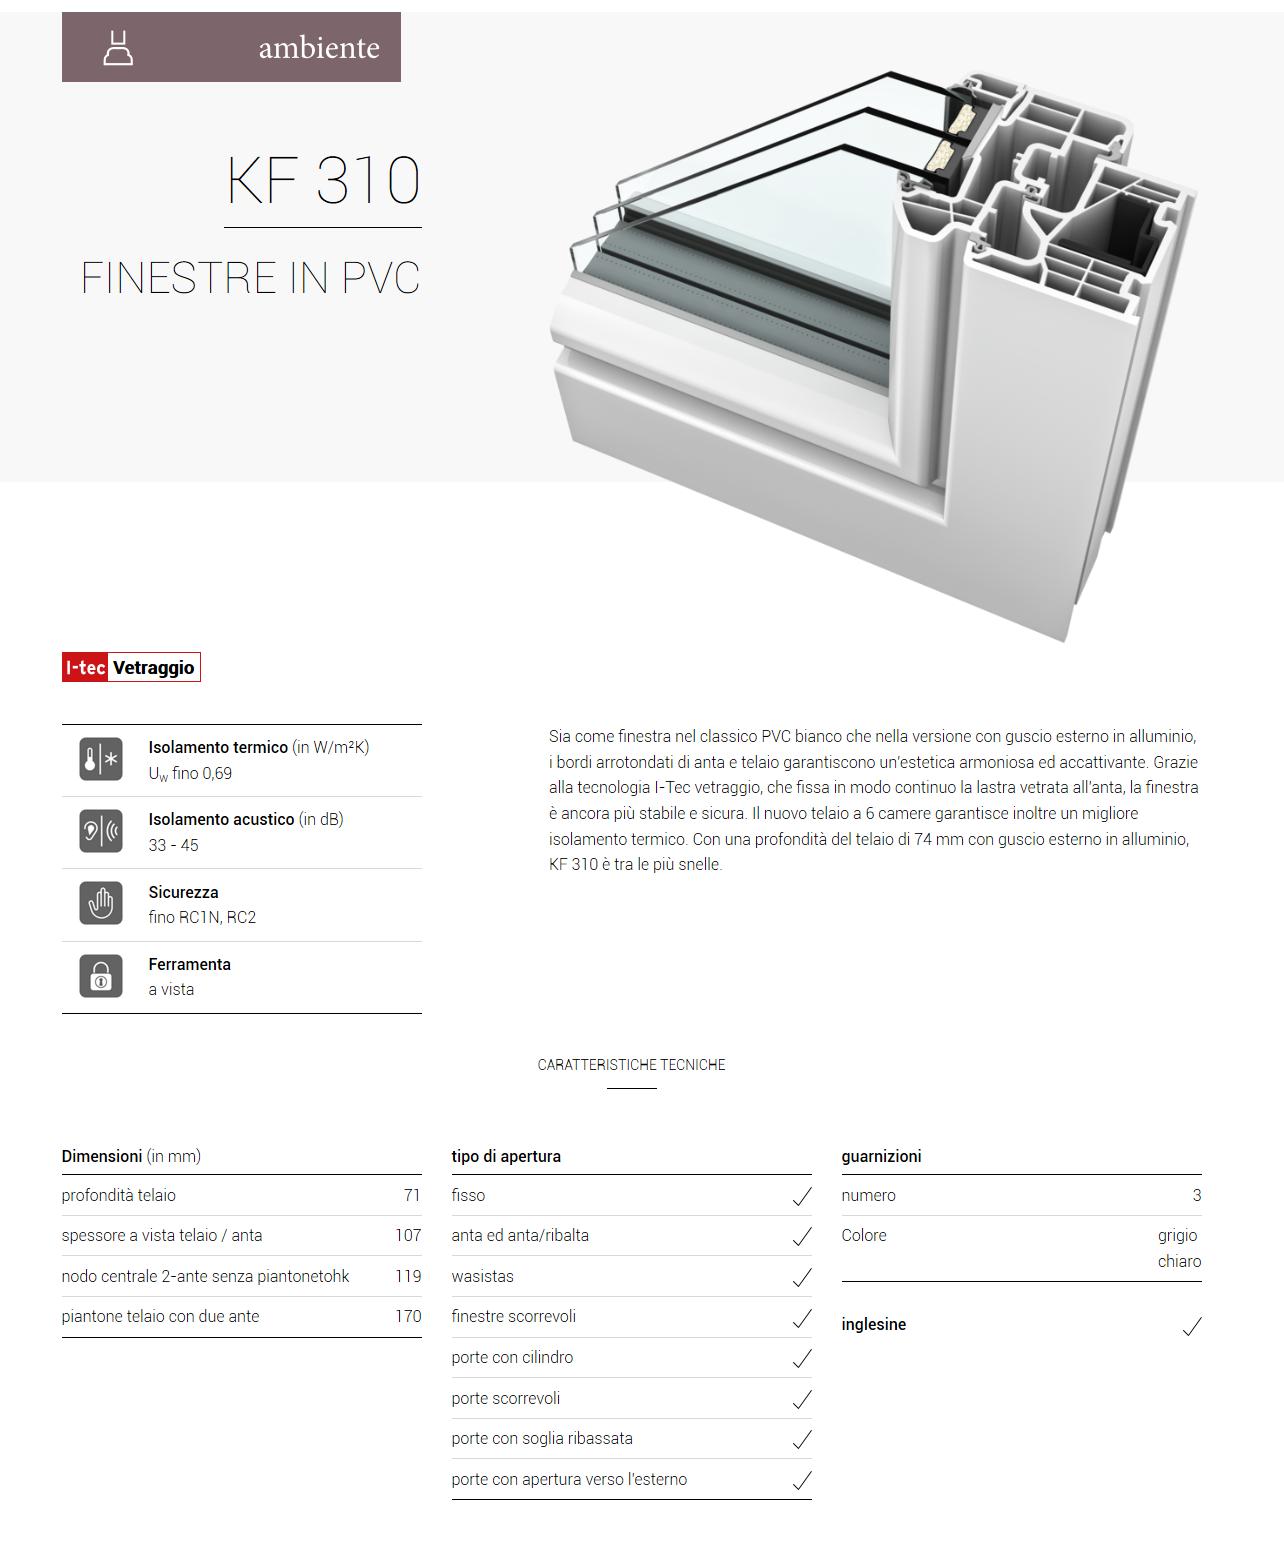 kf 310 ambiente